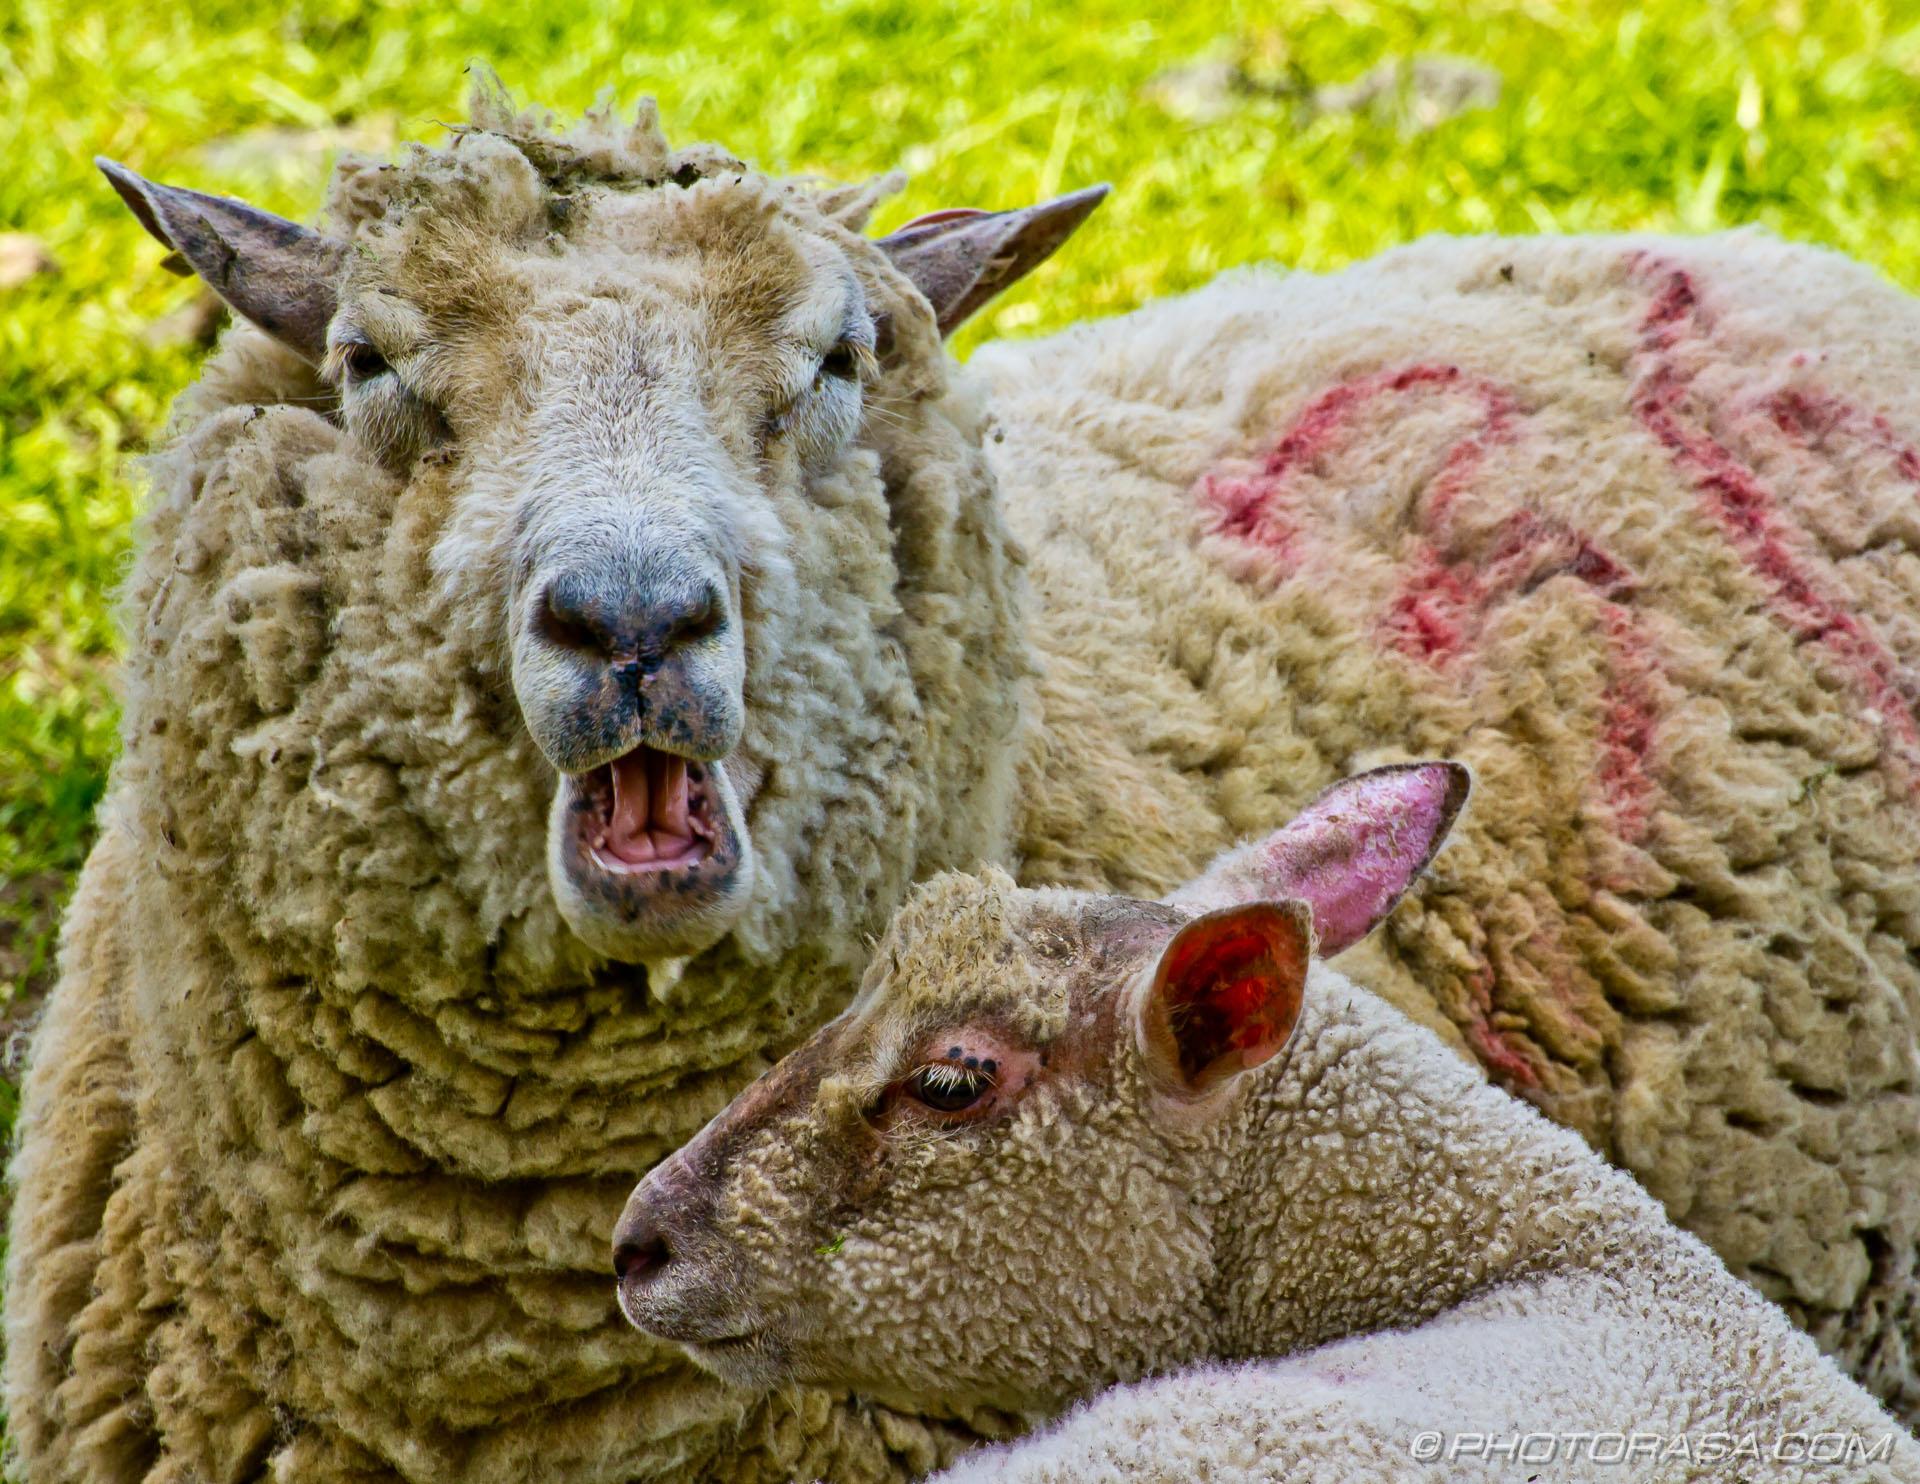 http://photorasa.com/sheep/baaaing-sheep-and-lamb/